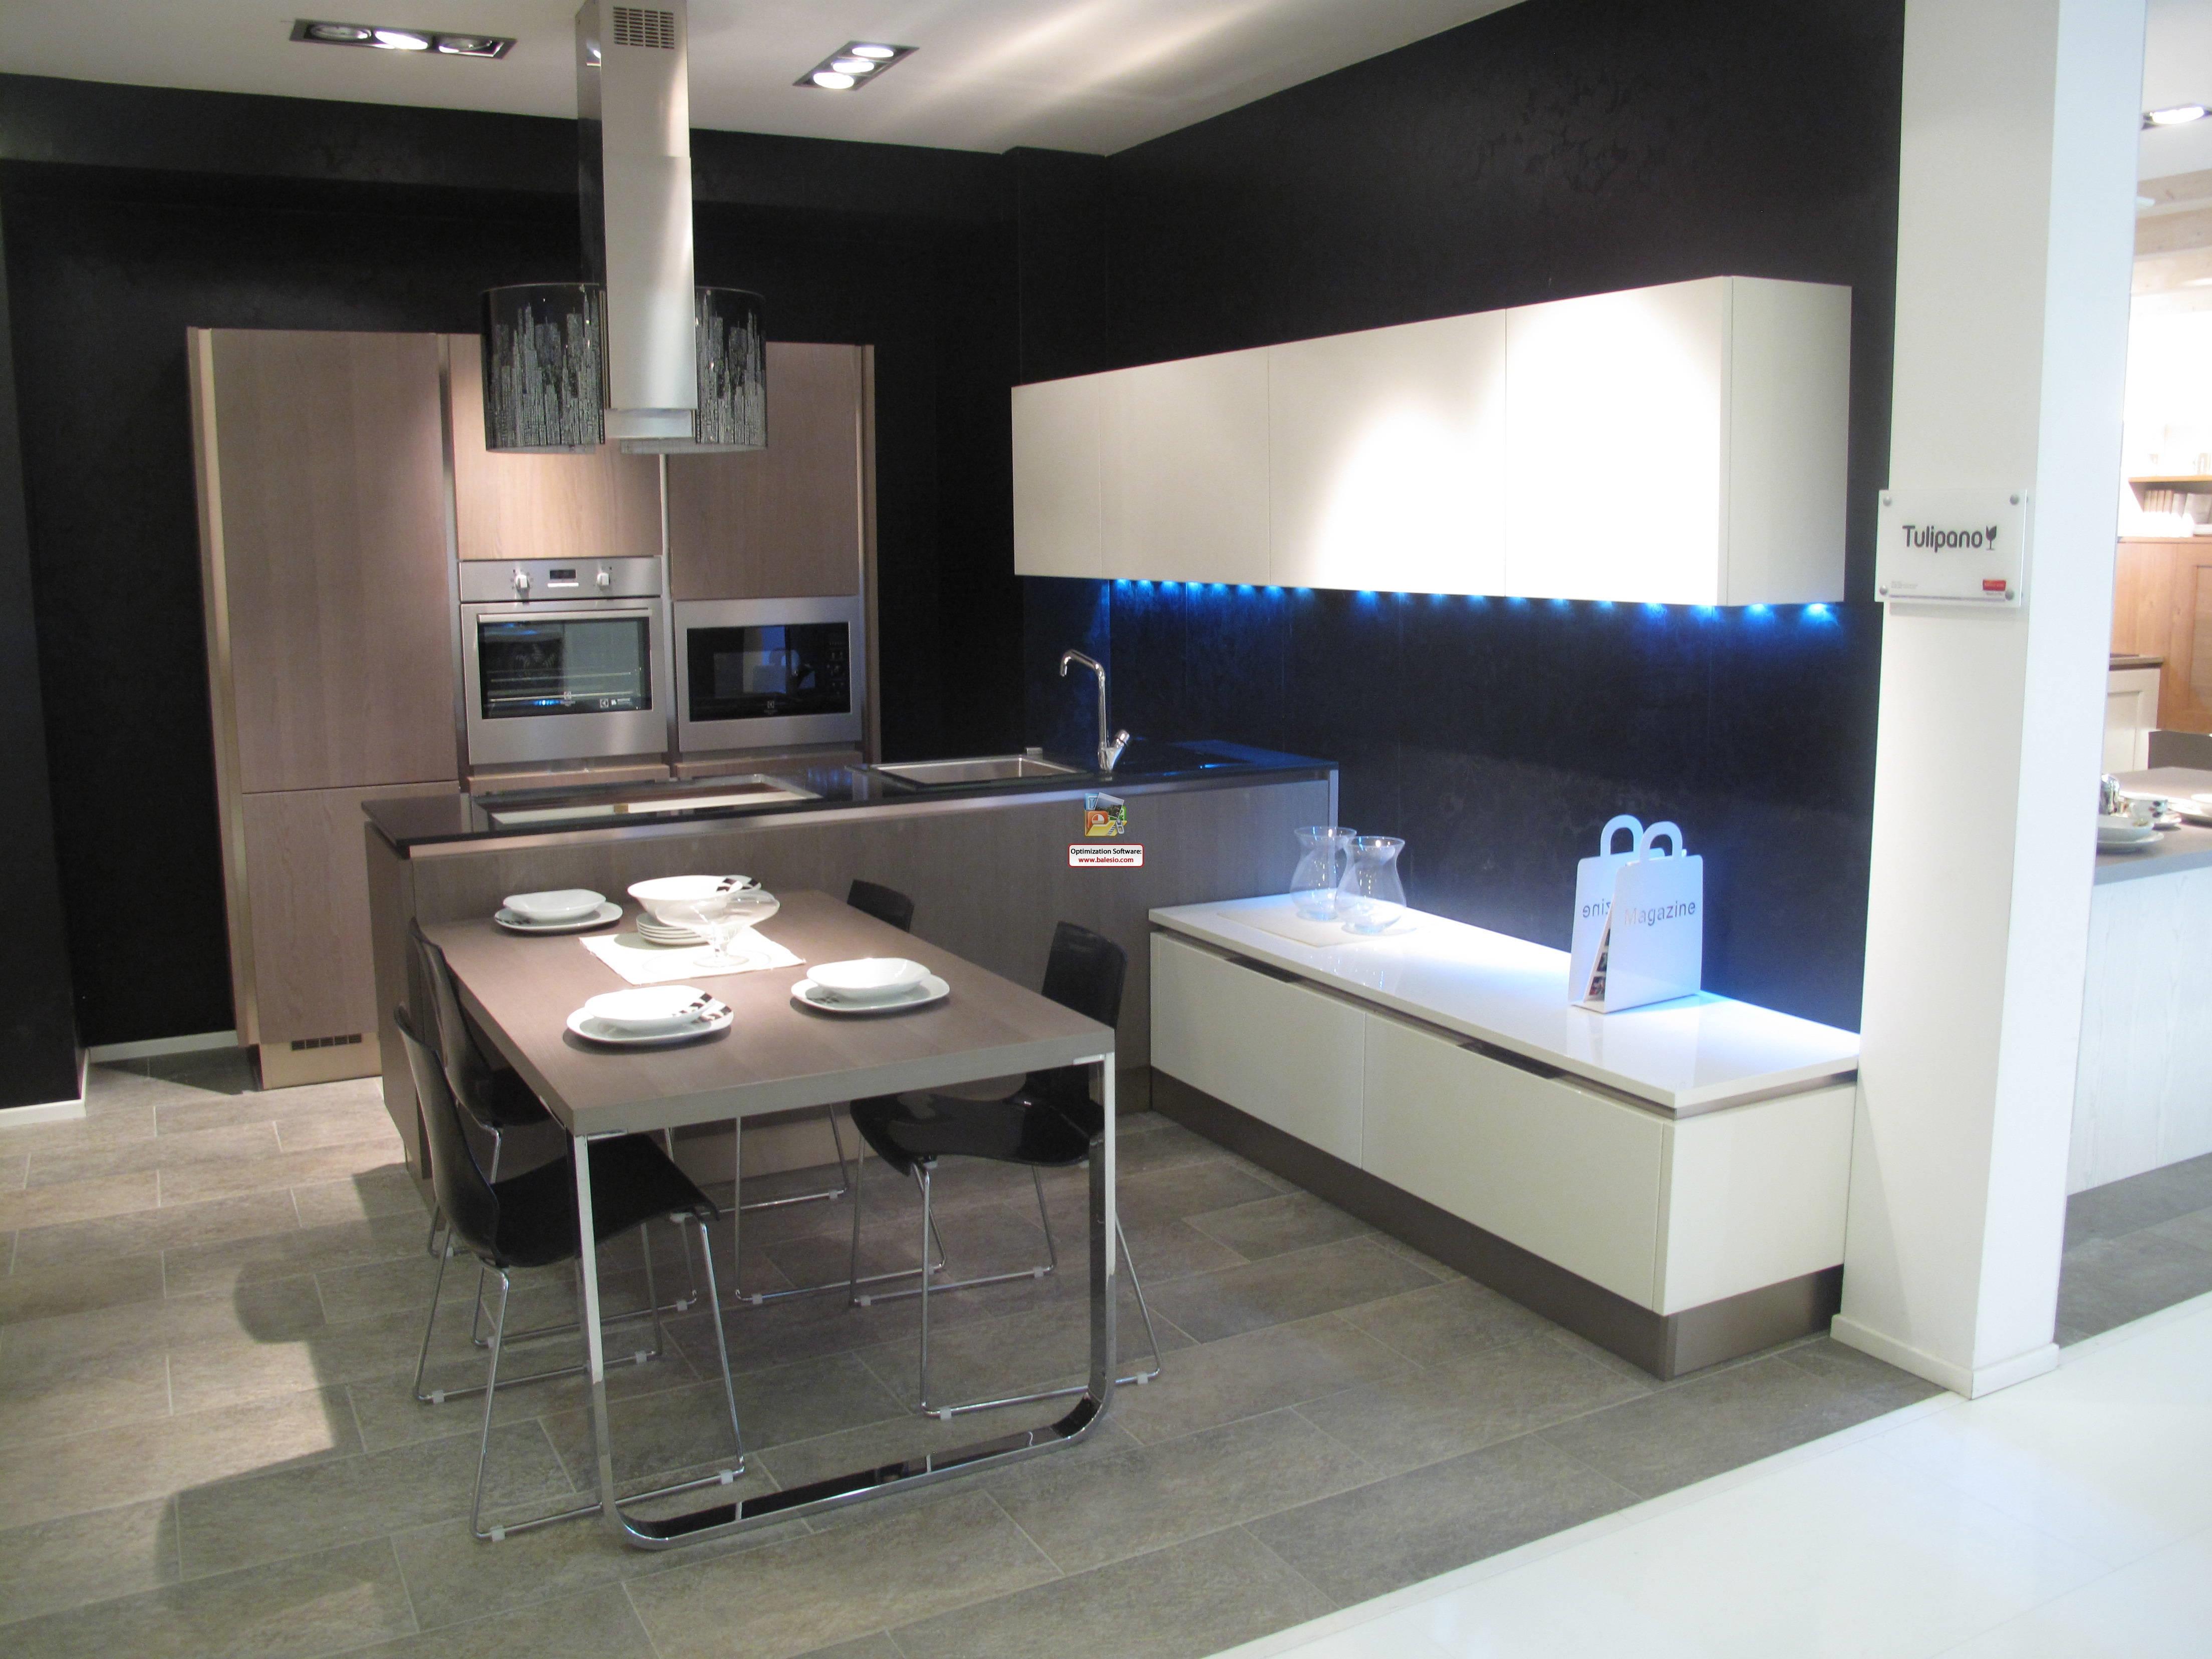 Veneta cucine cucina tulipano scontato del 60 cucine for Cucina a concetto aperta con isola